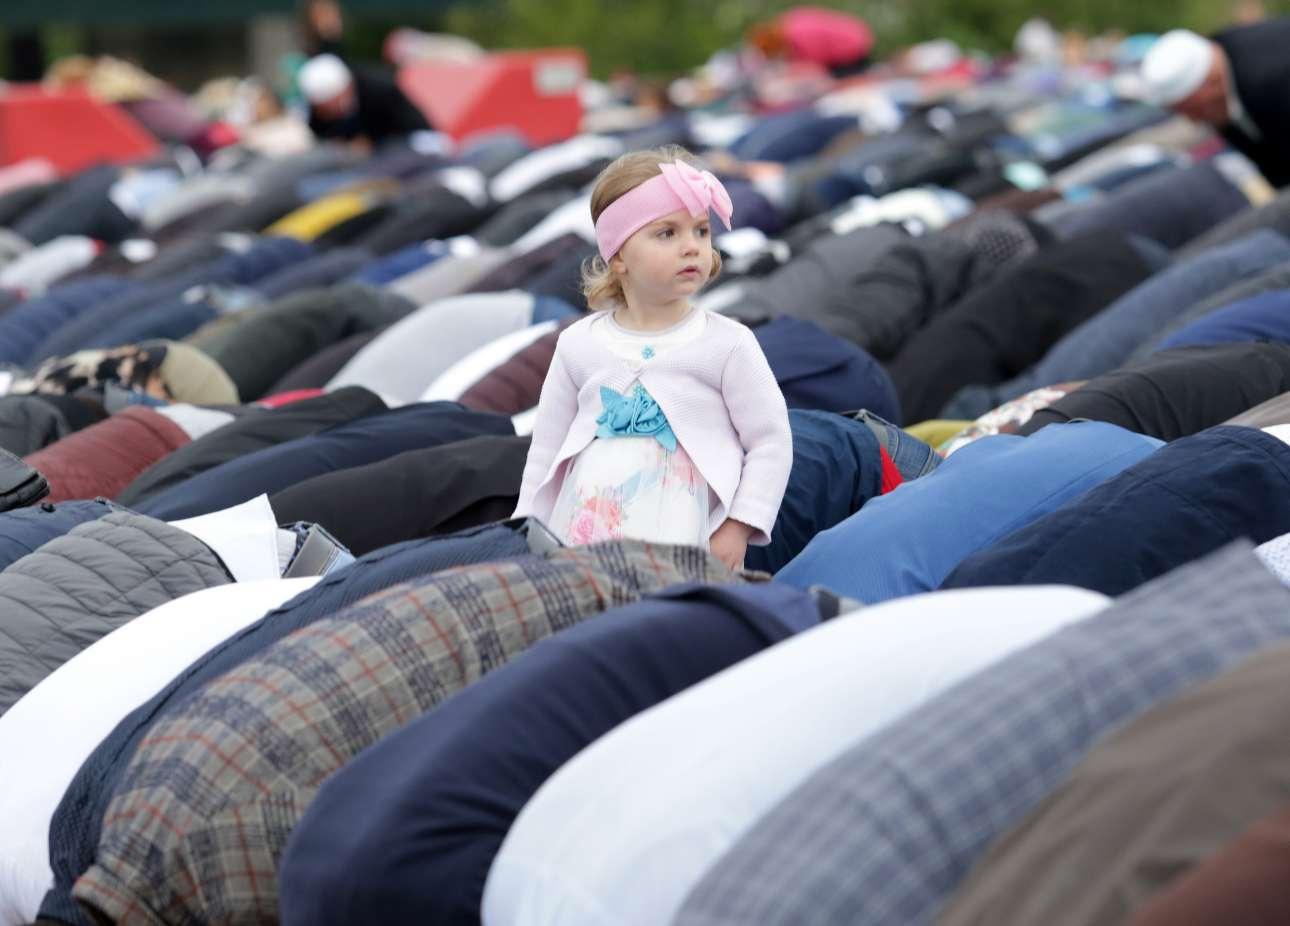 Ενα κοριτσάκι διακρίνεται στην πλατεία Σκεντέρμπεη των Τιράνων την ώρα της πρωινής προσευχής για τη γιορτή Ιντ αλ-φιτρ που σηματοδοτεί το τέλος του ισλαμικού ιερού μήνα της νηστείας Ραμαντάν (Ραμαζάνι)